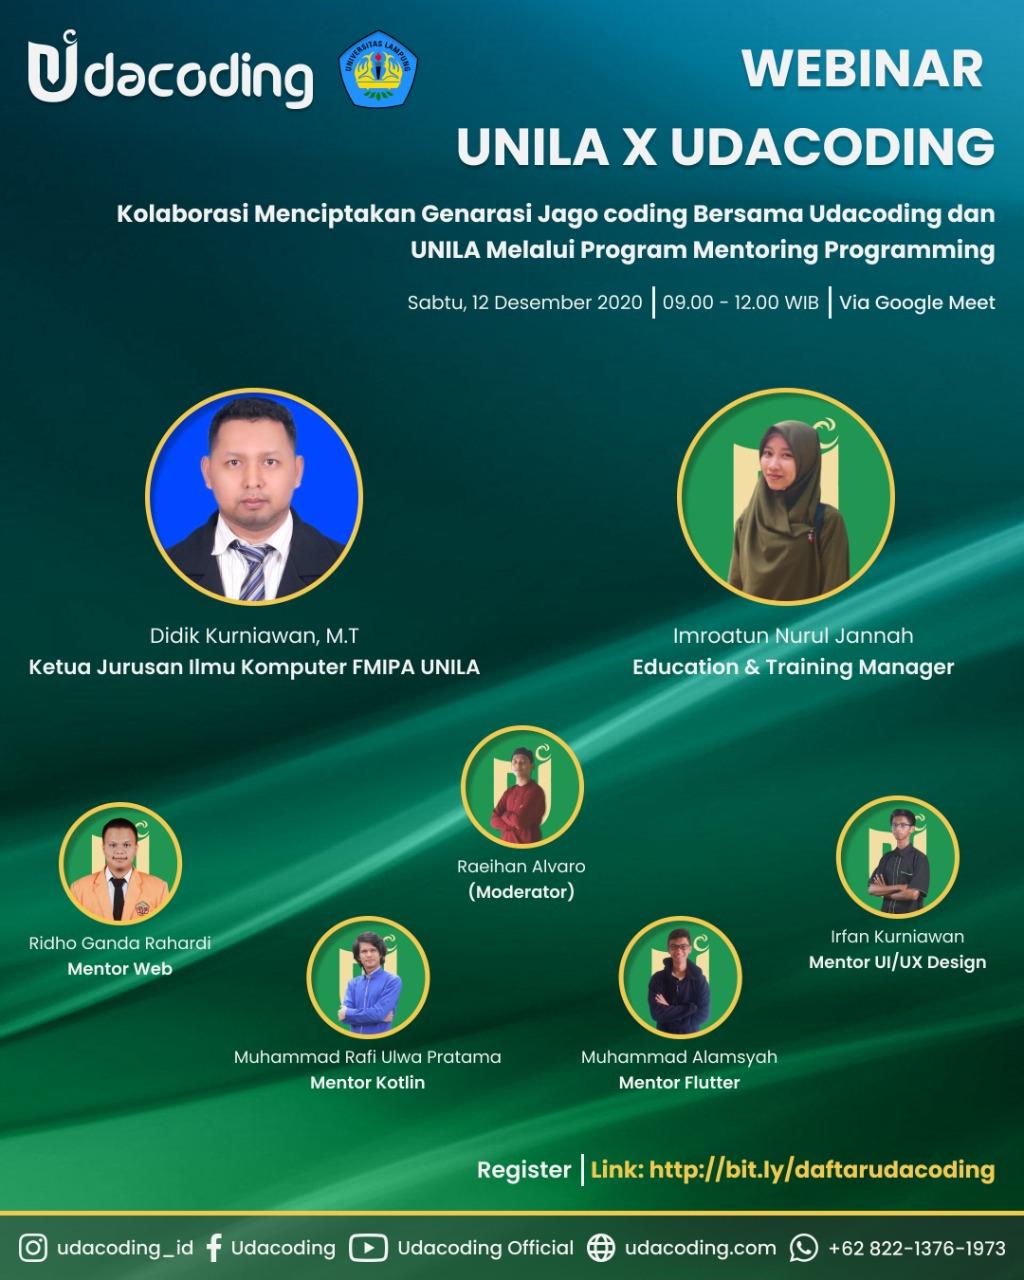 Webinar Udacoding x UNILA